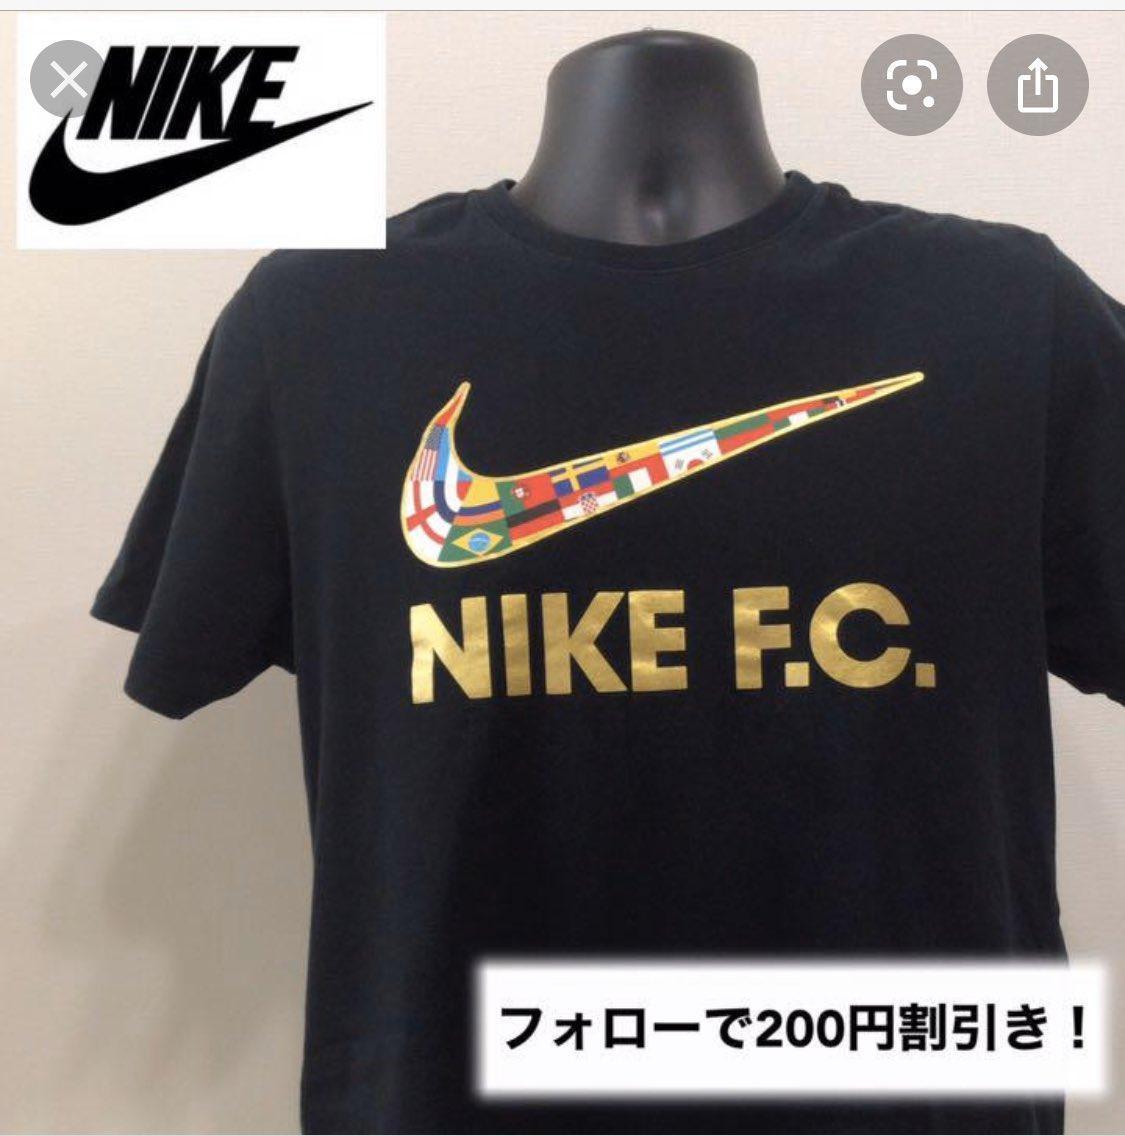 Nike衣服上缺了日本國旗,被網友質疑是「反日企業」。(翻攝自推特)